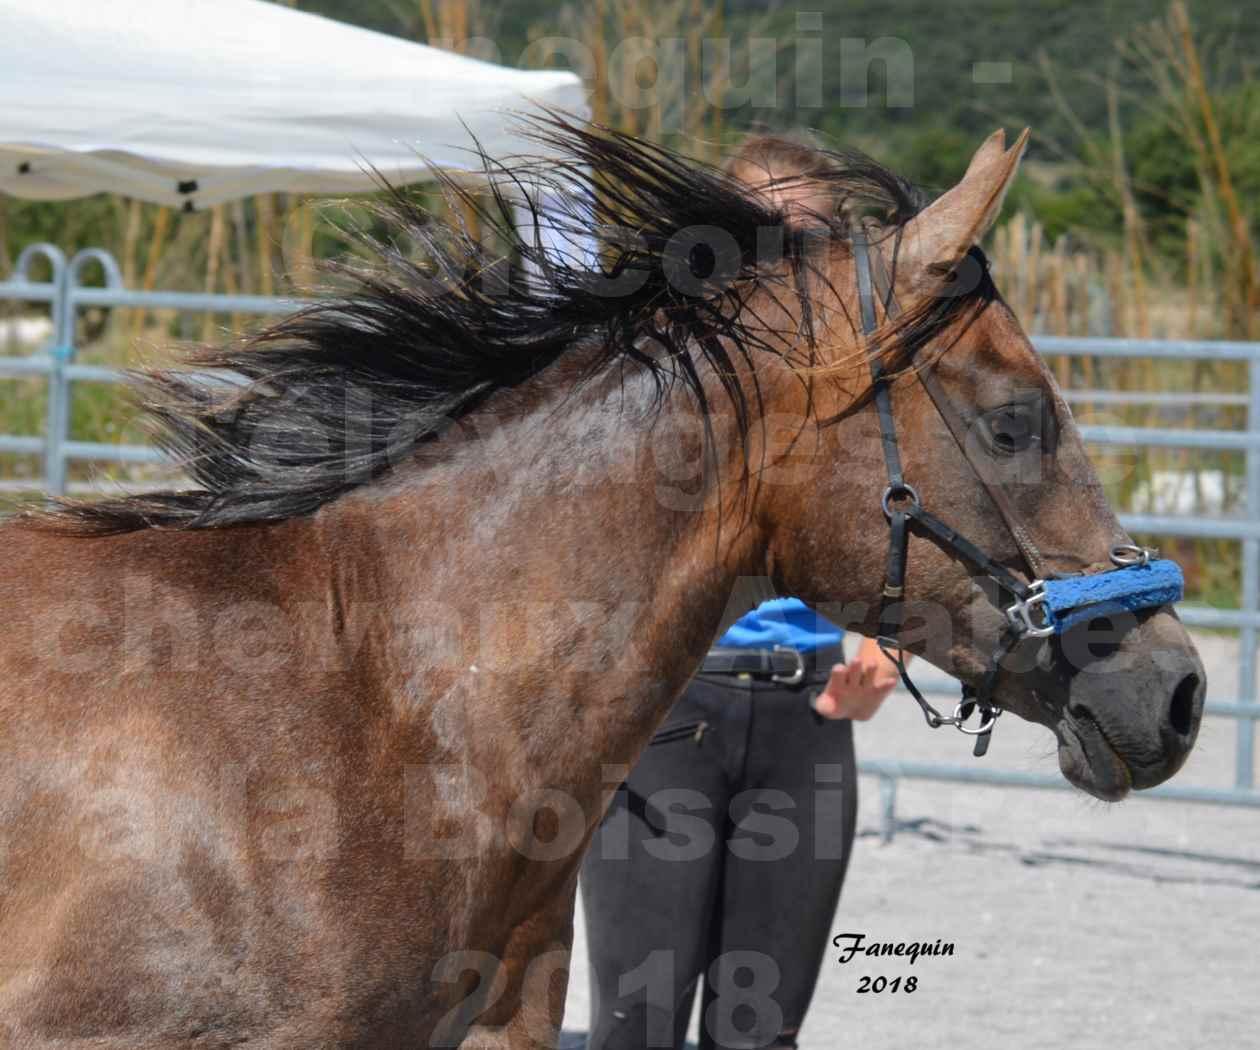 Concours d'Elevage de chevaux Arabes  le 27 juin 2018 à la BOISSIERE - MAREK LOTOIS - 1